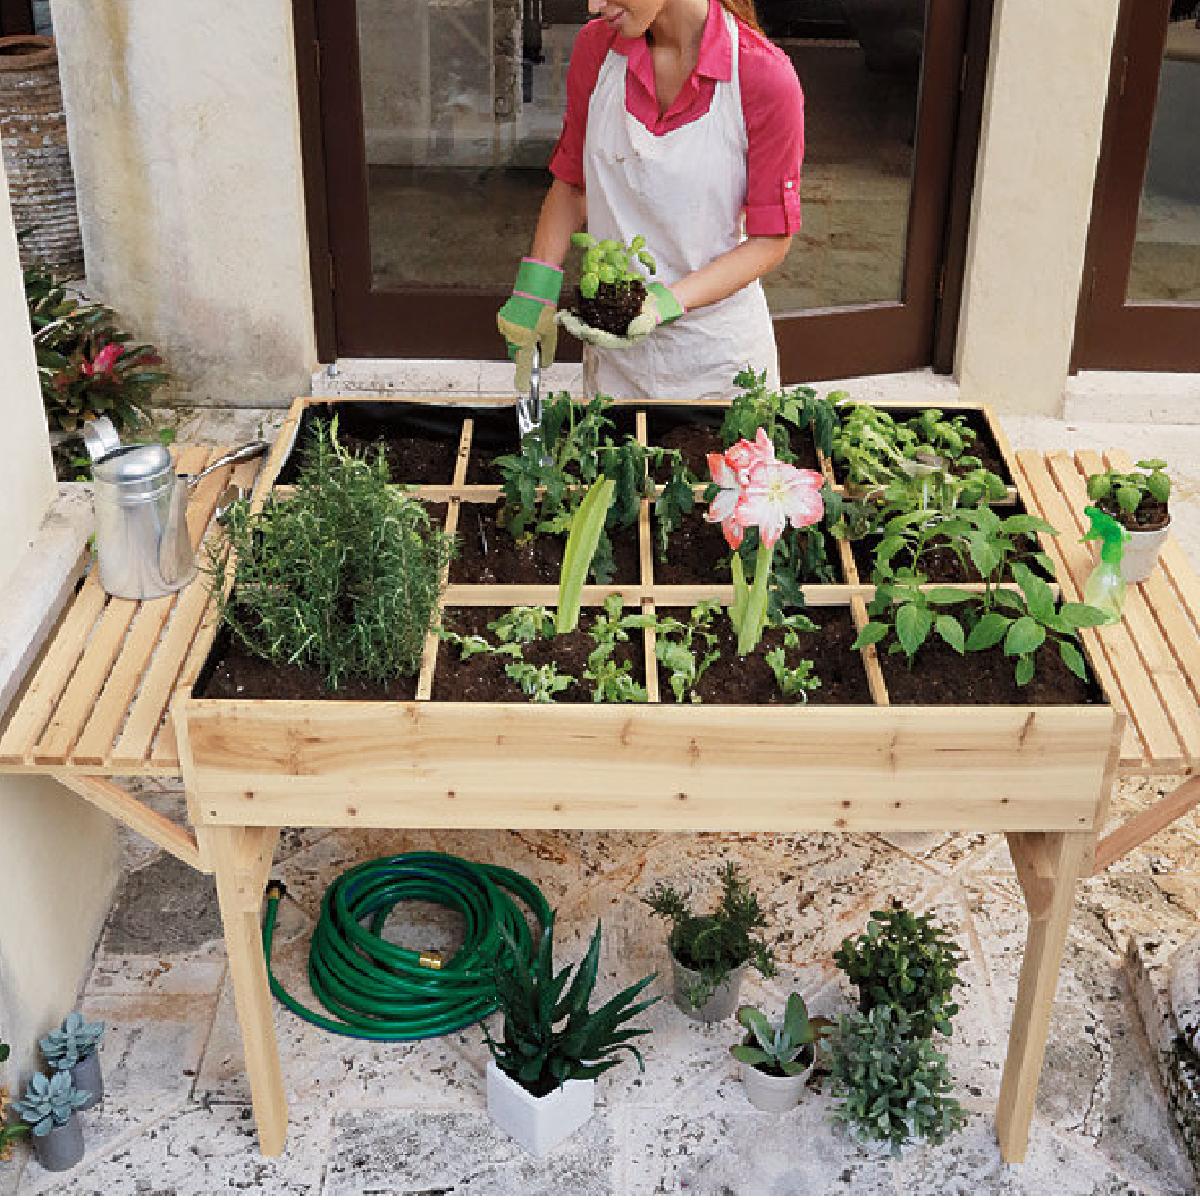 Cadeaux 2 ouf id es de cadeaux insolites et originaux - Fabriquer son salon de jardin en bois ...